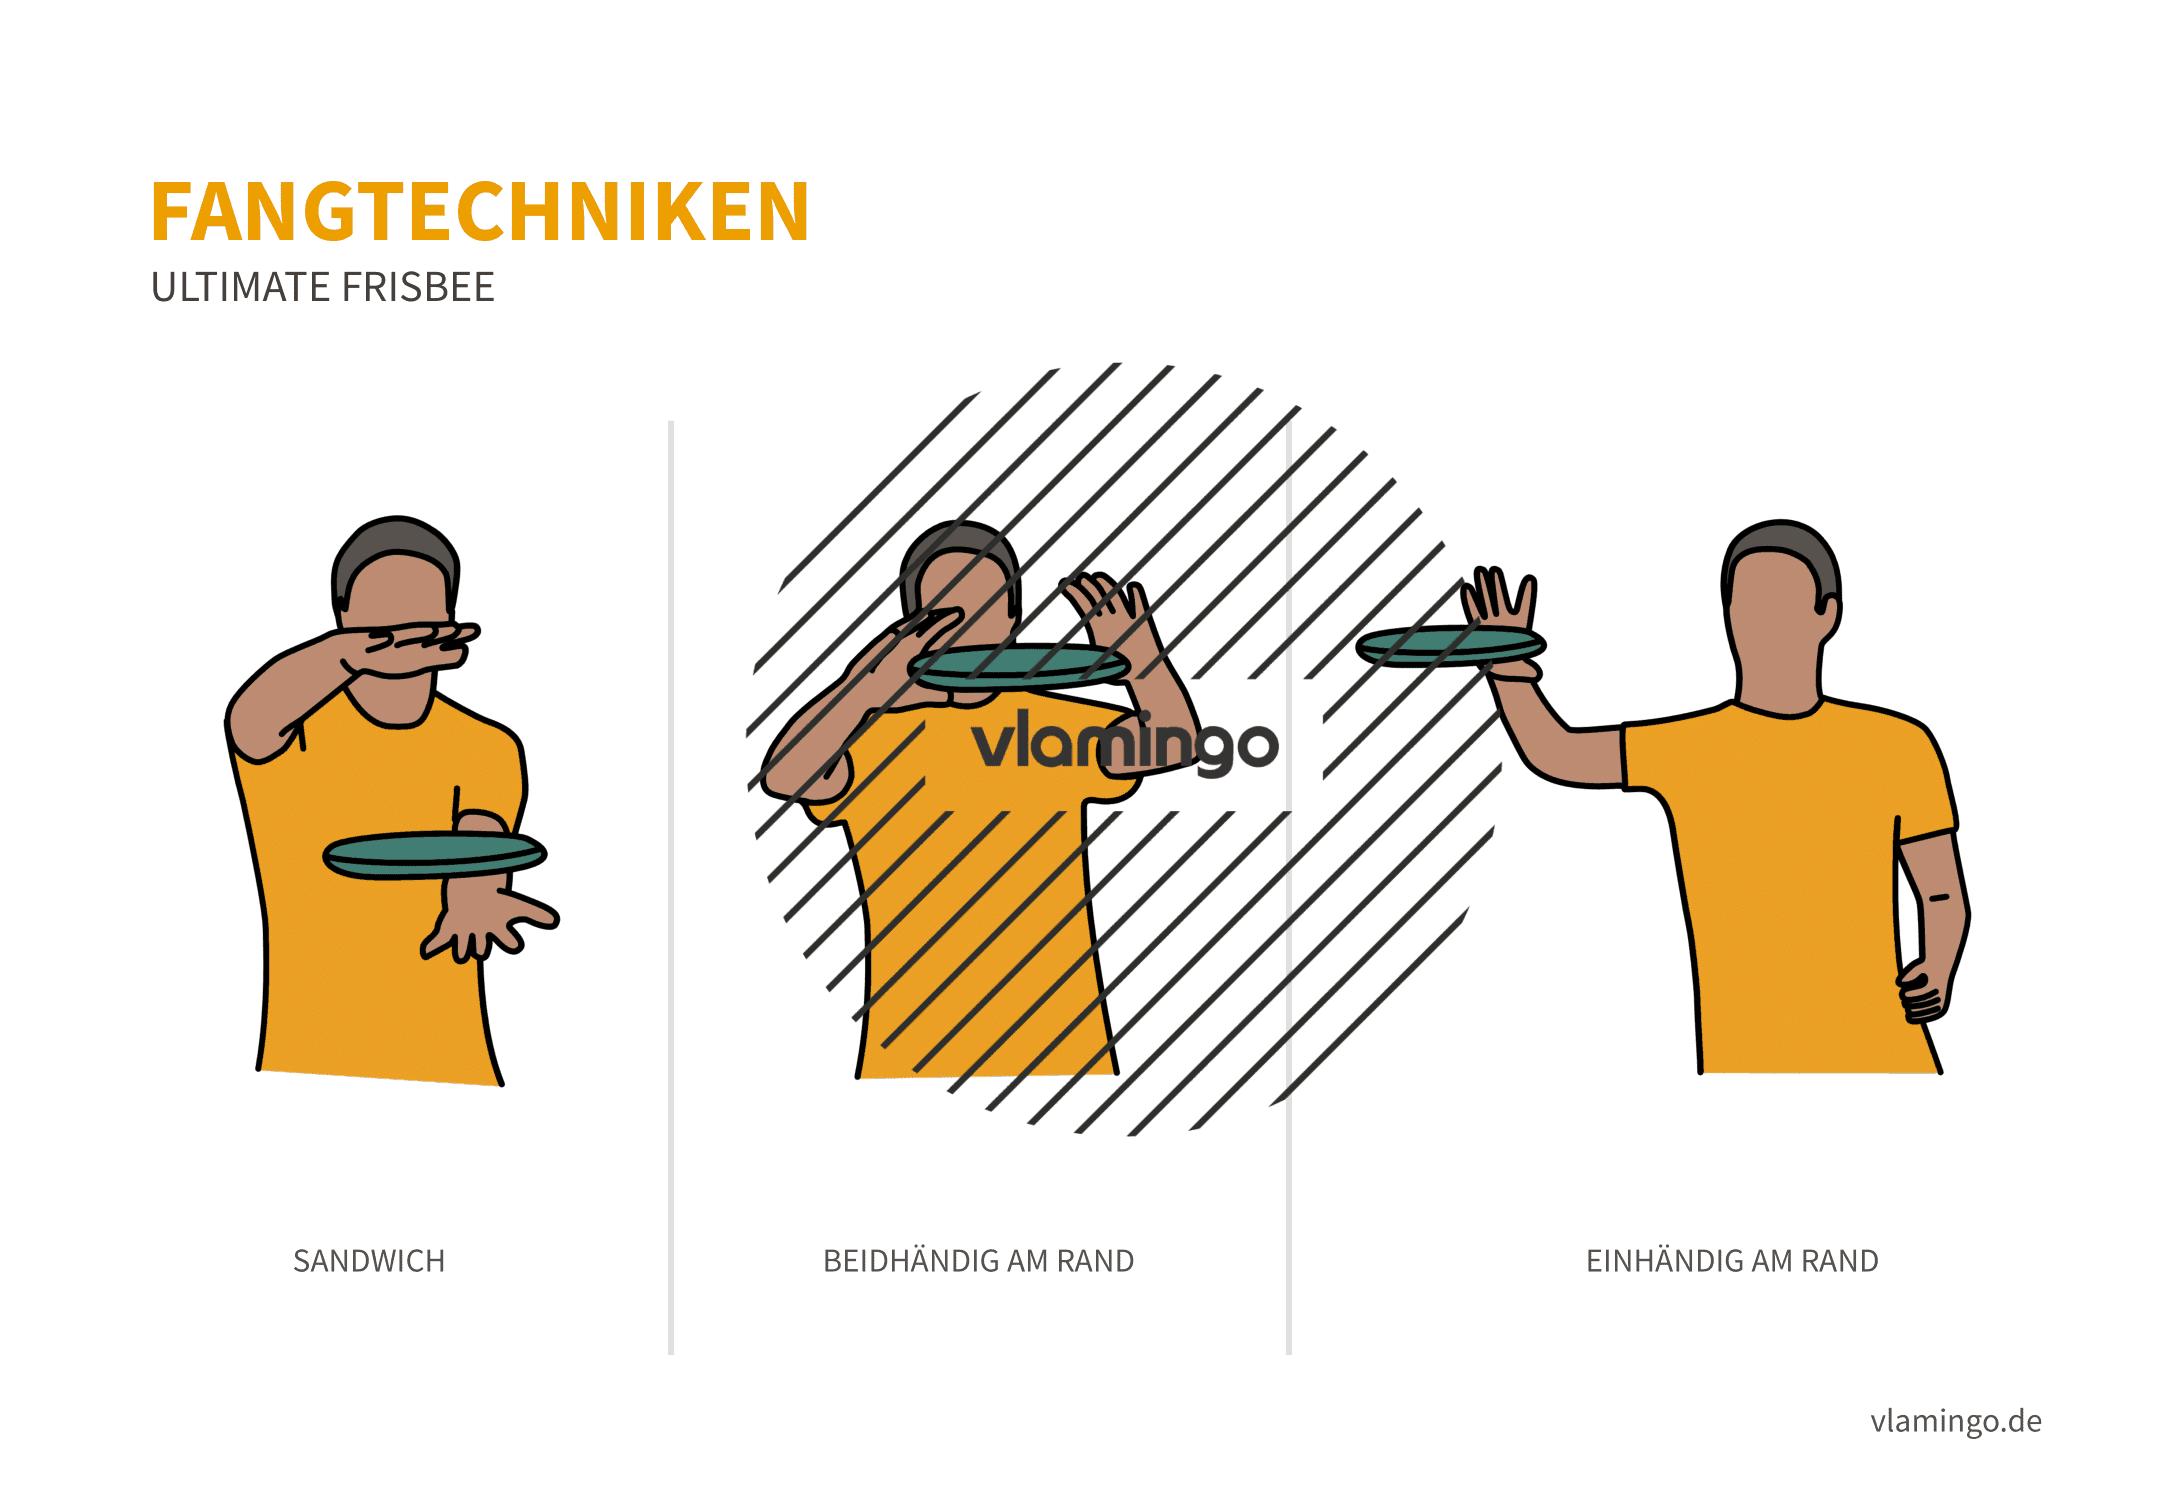 Frisbee - Fangtechniken (Sandwich, Beid- und Einhändig)